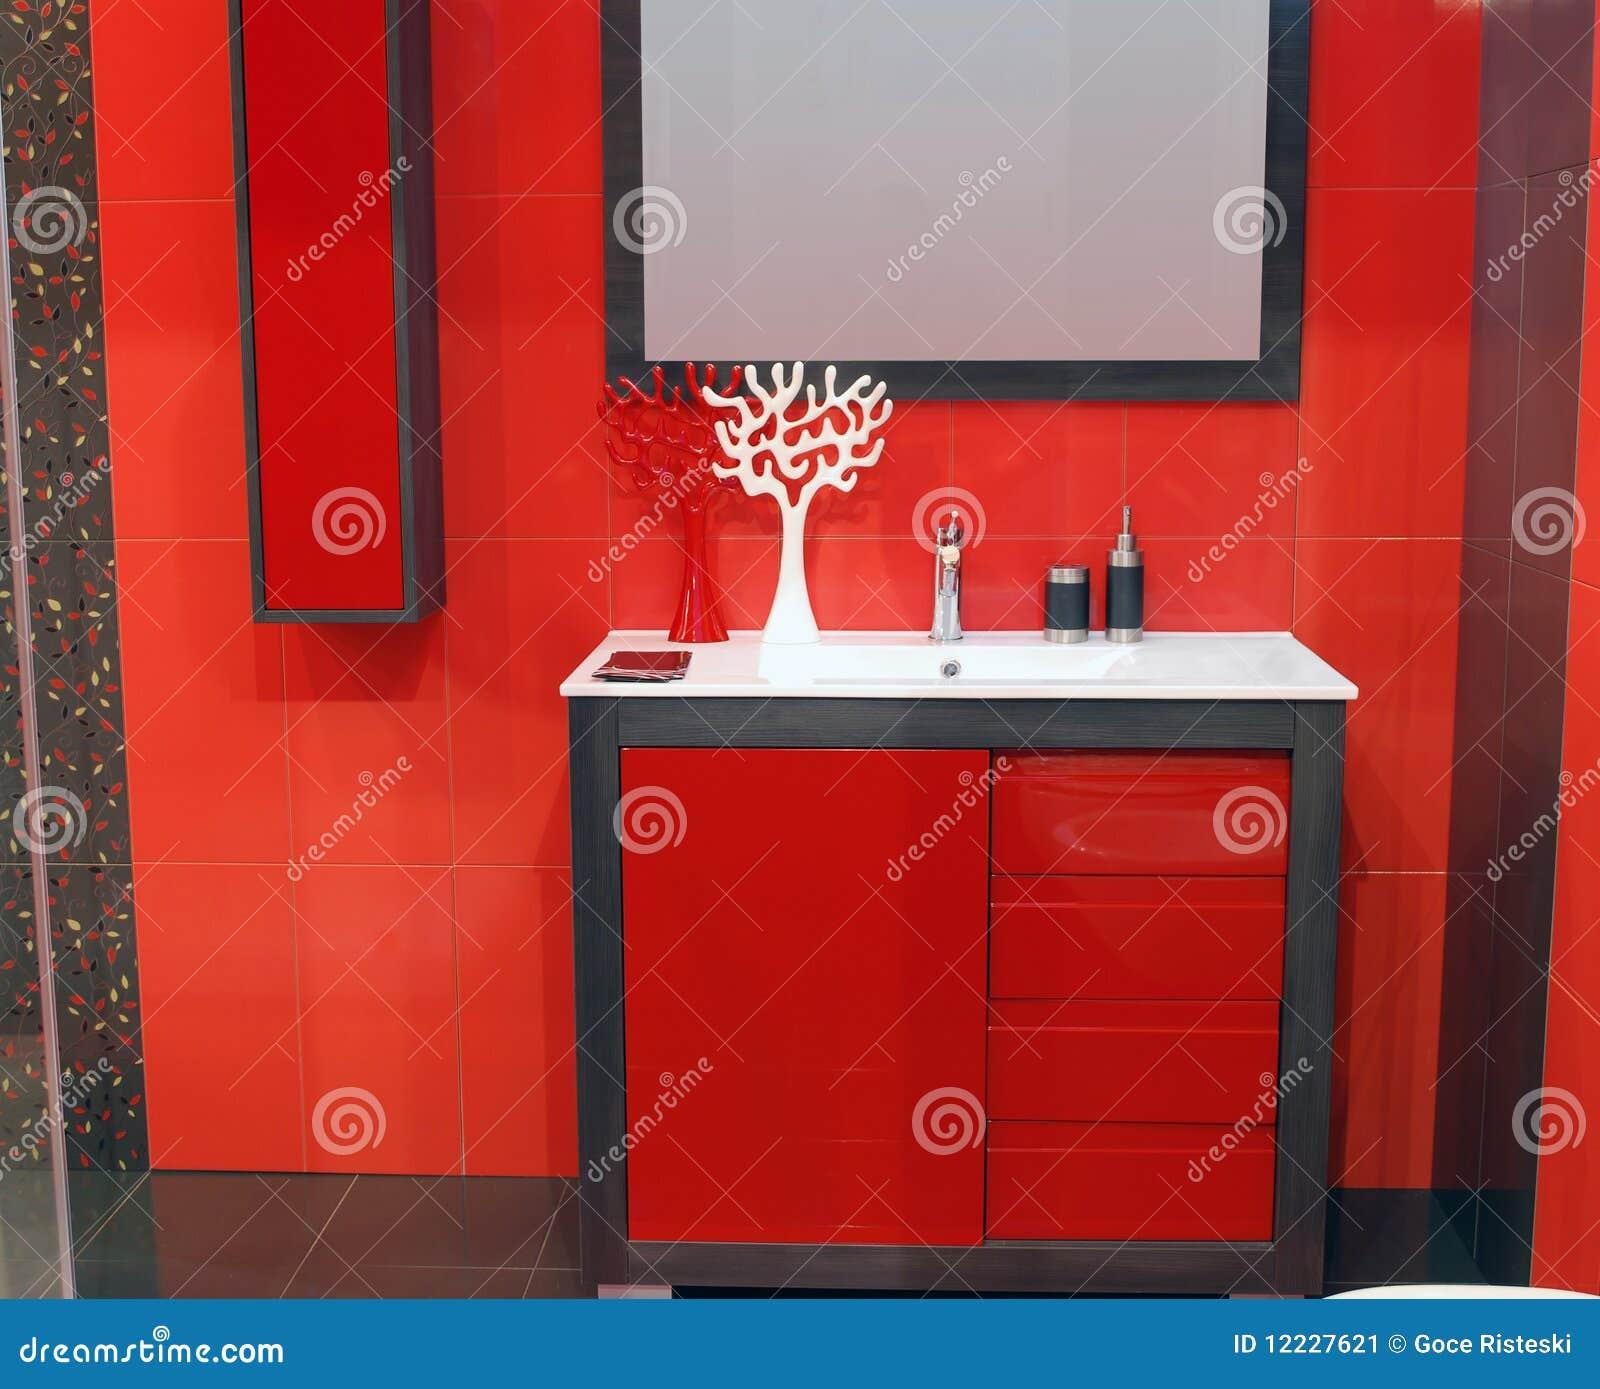 Banheiro Vermelho Imagem de Stock Imagem: 12227621 #B22119 1300x1146 Banheiro Branco Com Detalhe Vermelho